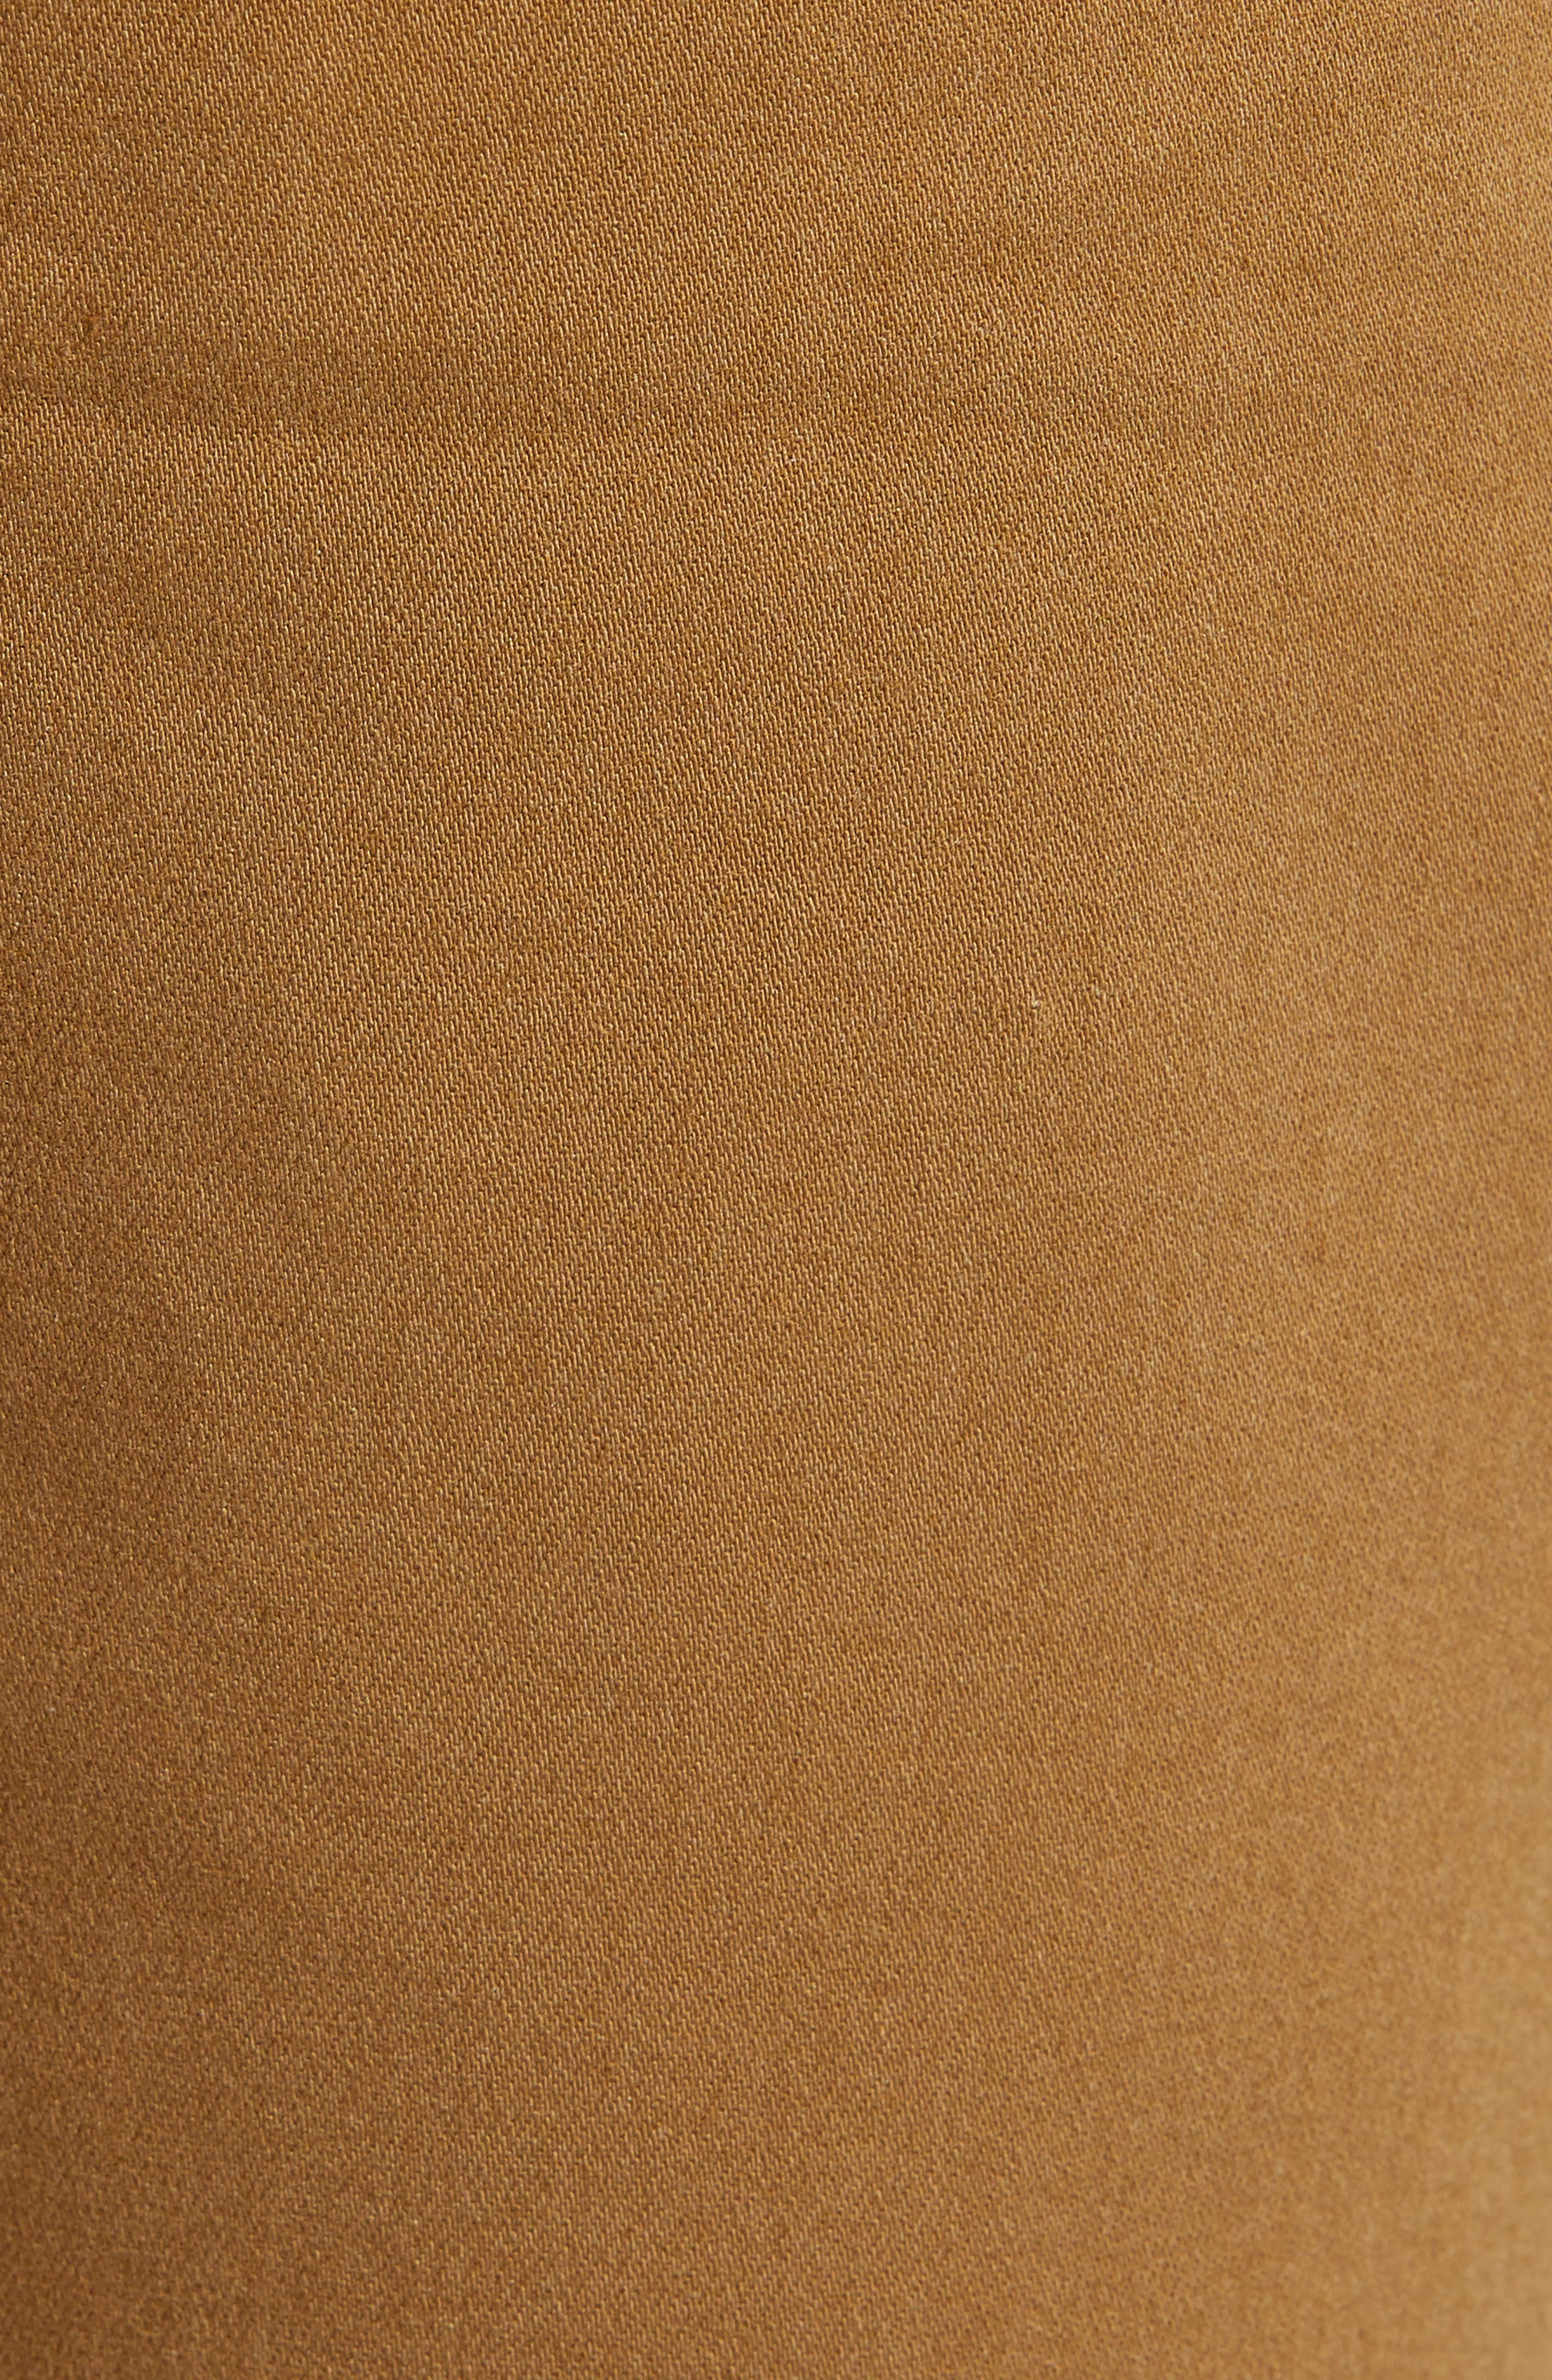 Transcend - Lennox Slim Fit Jeans,                             Alternate thumbnail 5, color,                             LAUREL TAN